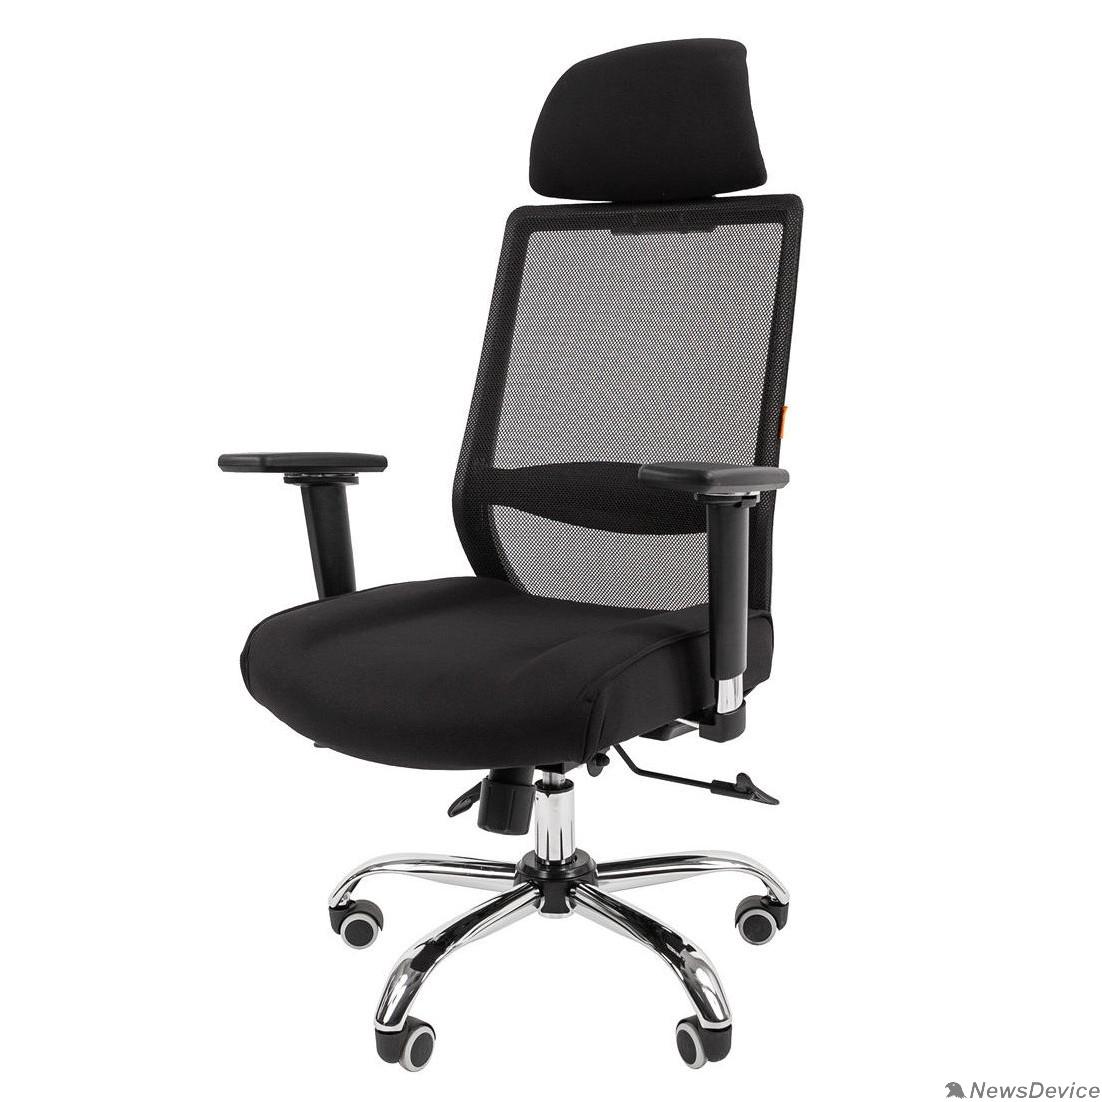 Офисные кресла Офисное кресло Chairman    555    Россия   LUX   TW черный   (7062965)